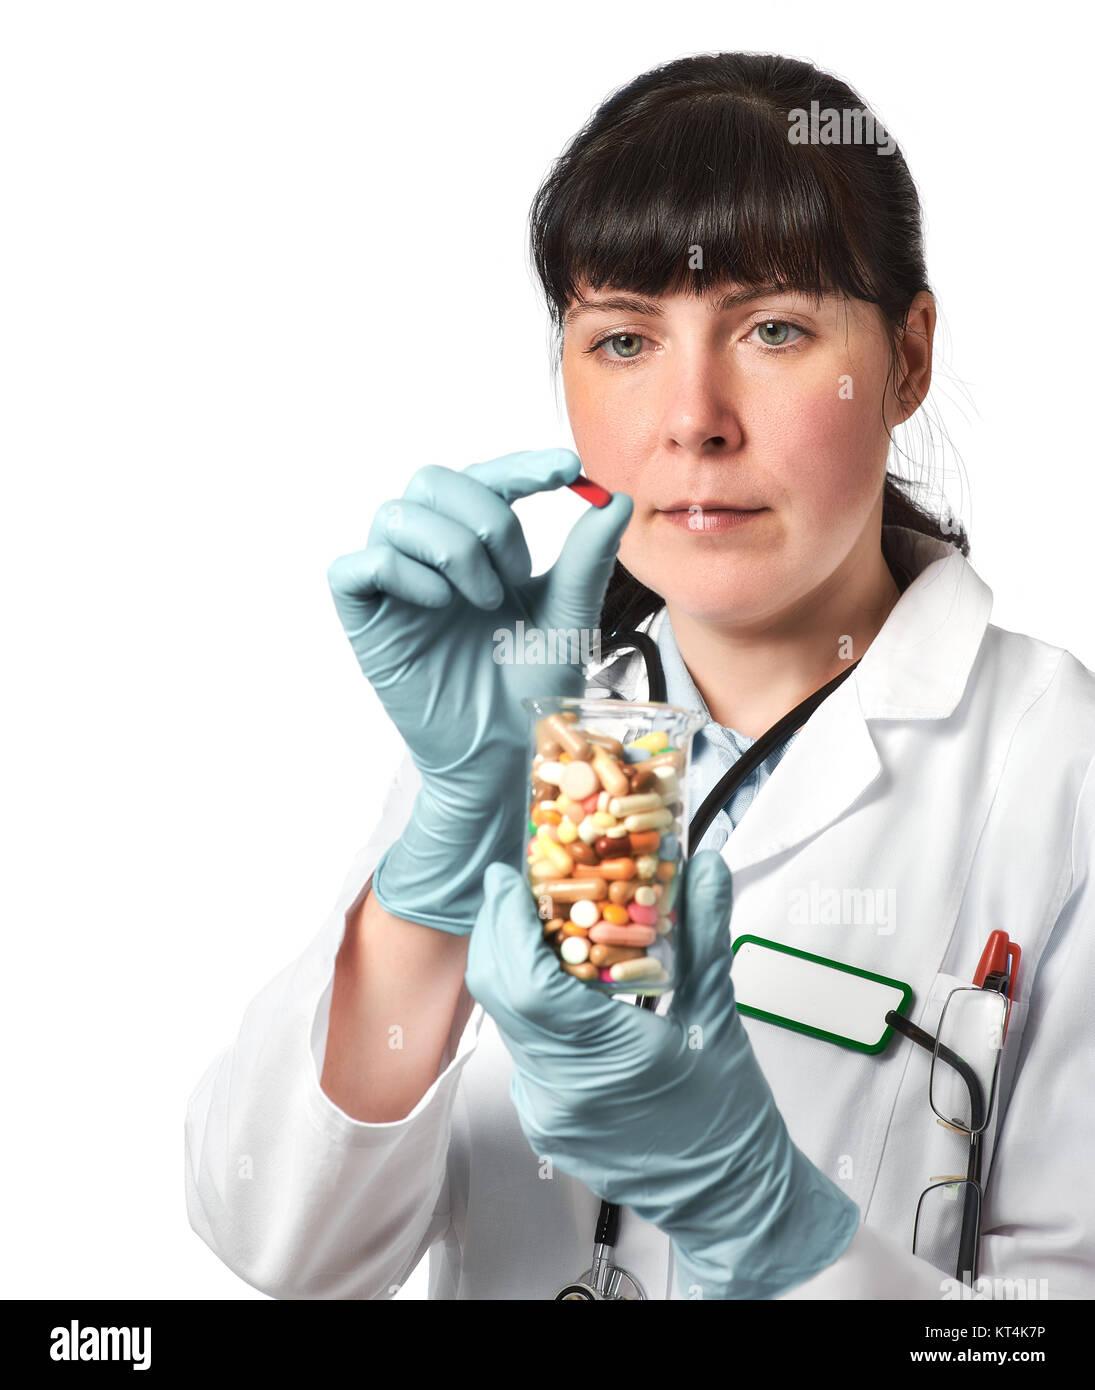 Doctora o enfermera con vidrio lleno de píldoras en mano enguantada sosteniendo una pastilla roja en pinzas. DOF Foto de stock